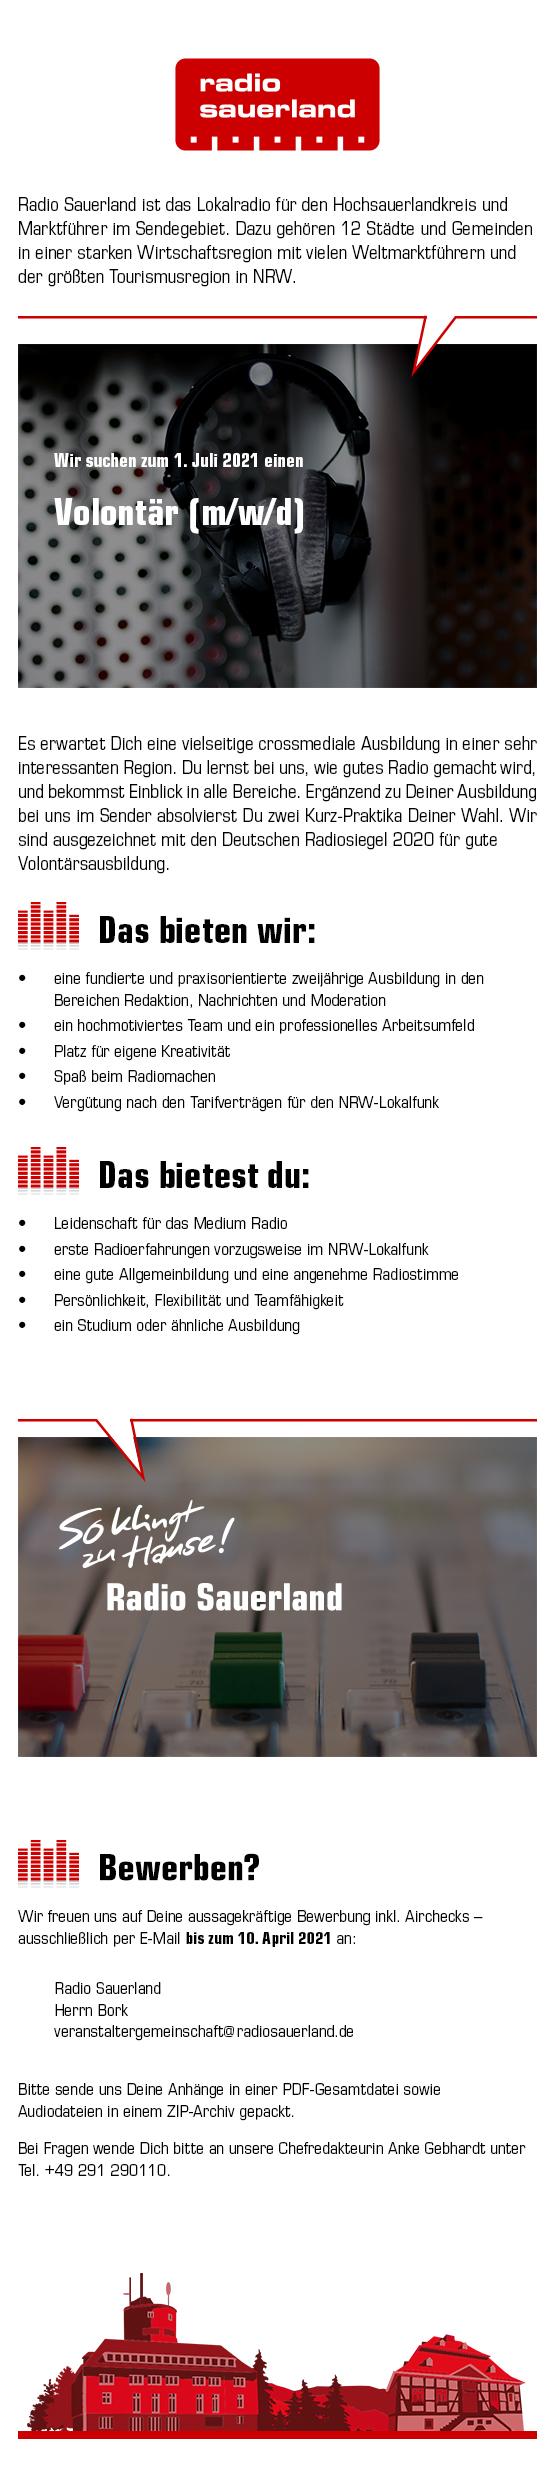 Radio Sauerland sucht Volontär (m/w/d)